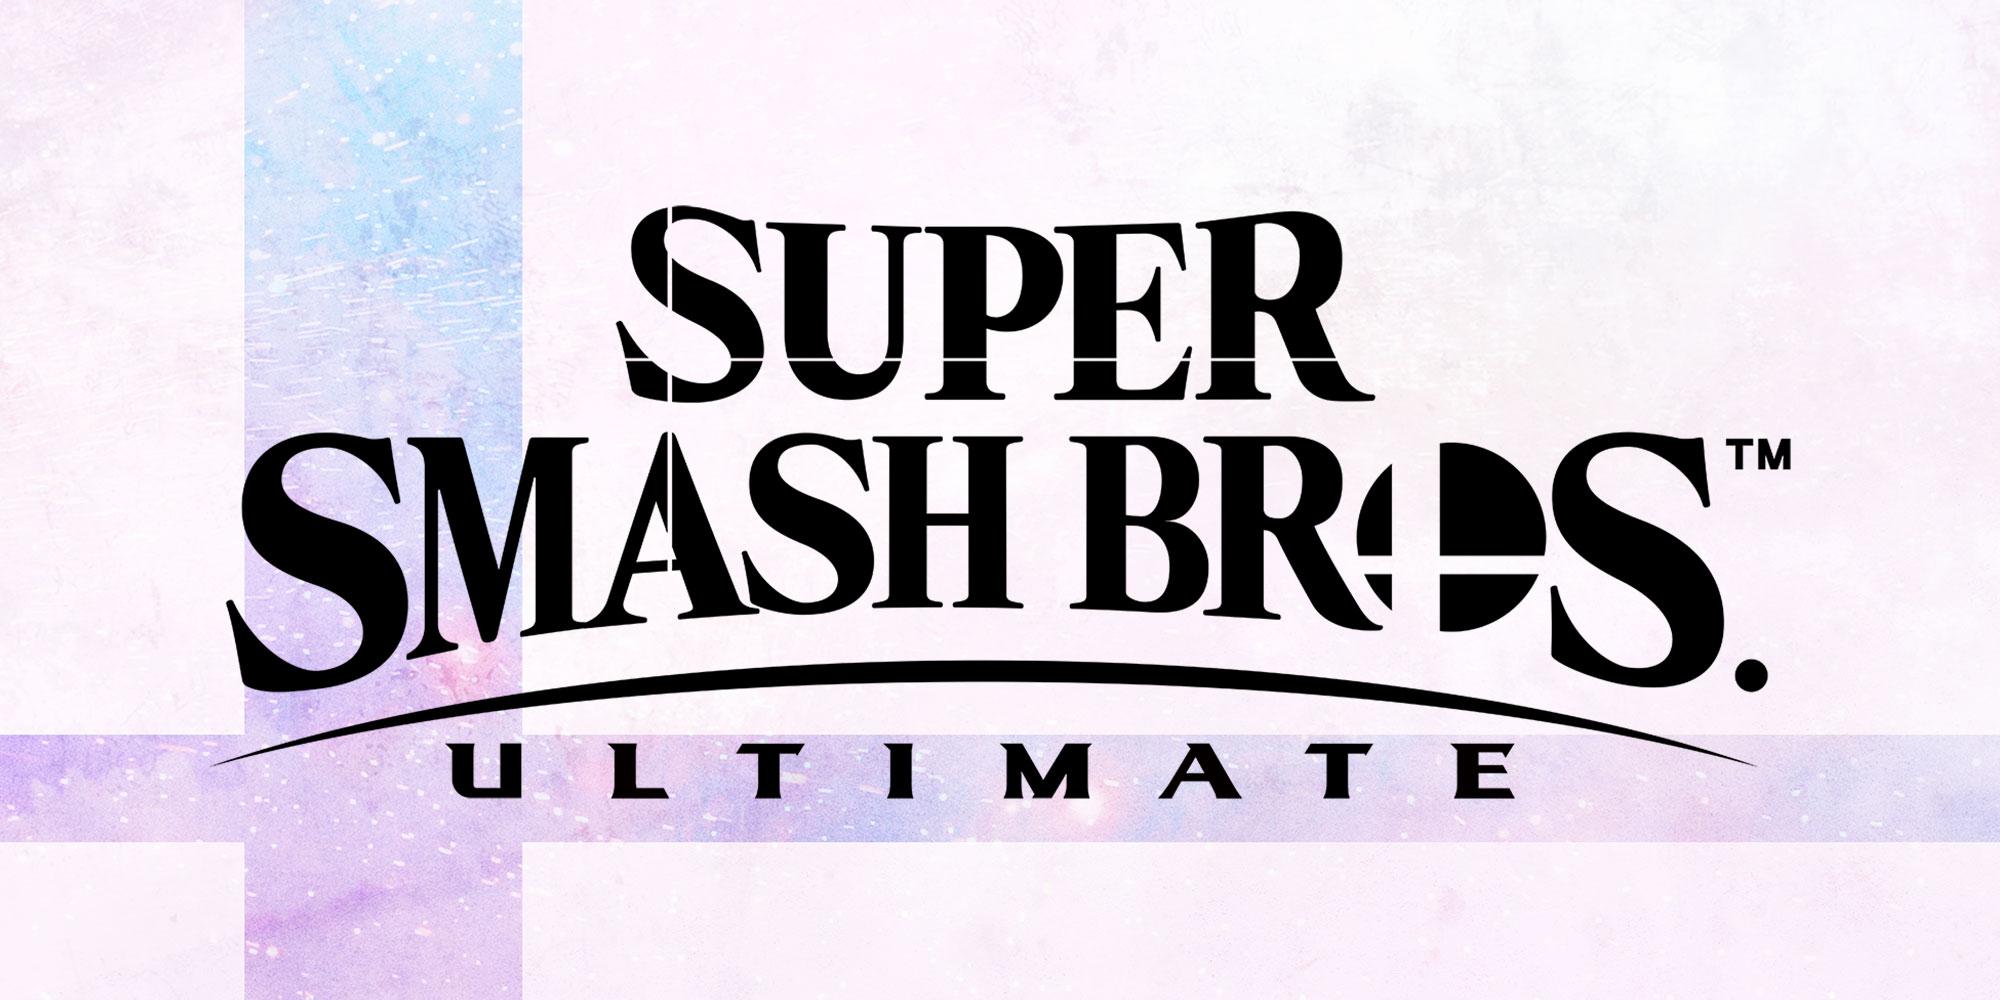 Teste dein Wissen und gewinne ein cooles Super Smash Bros. Ultimate ...